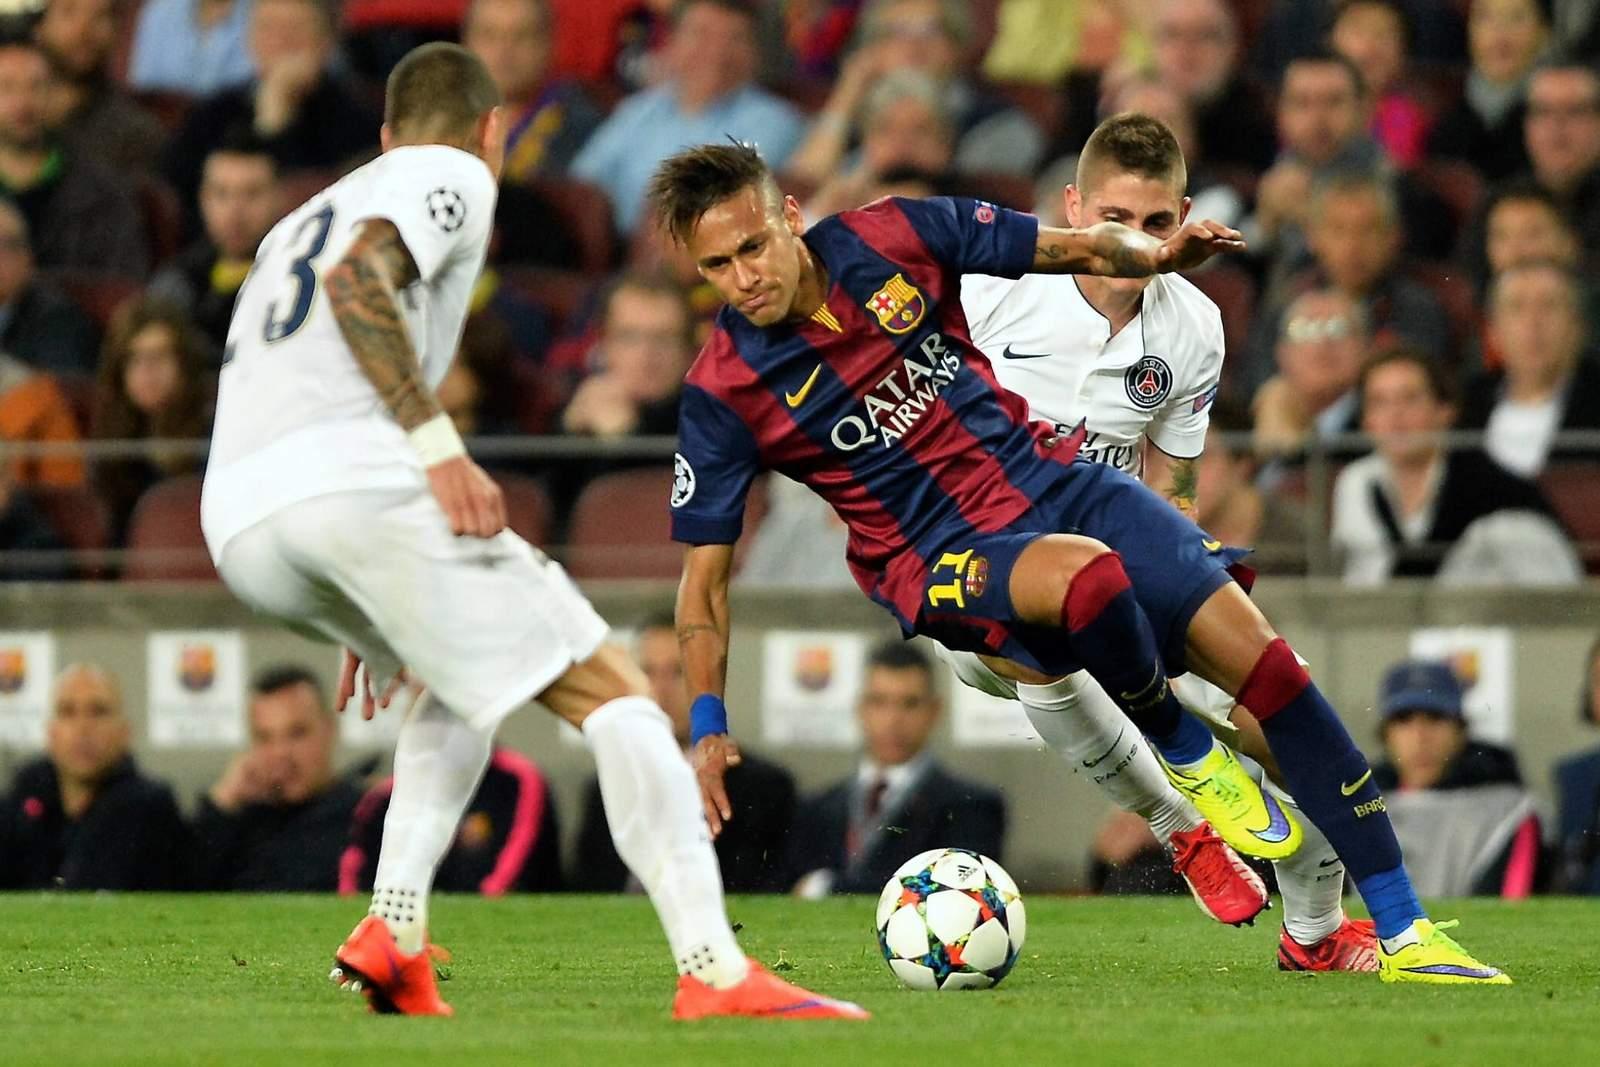 Setzt sich Neymer wieder durch? Jetzt auf PSG gegen Barcelona wetten